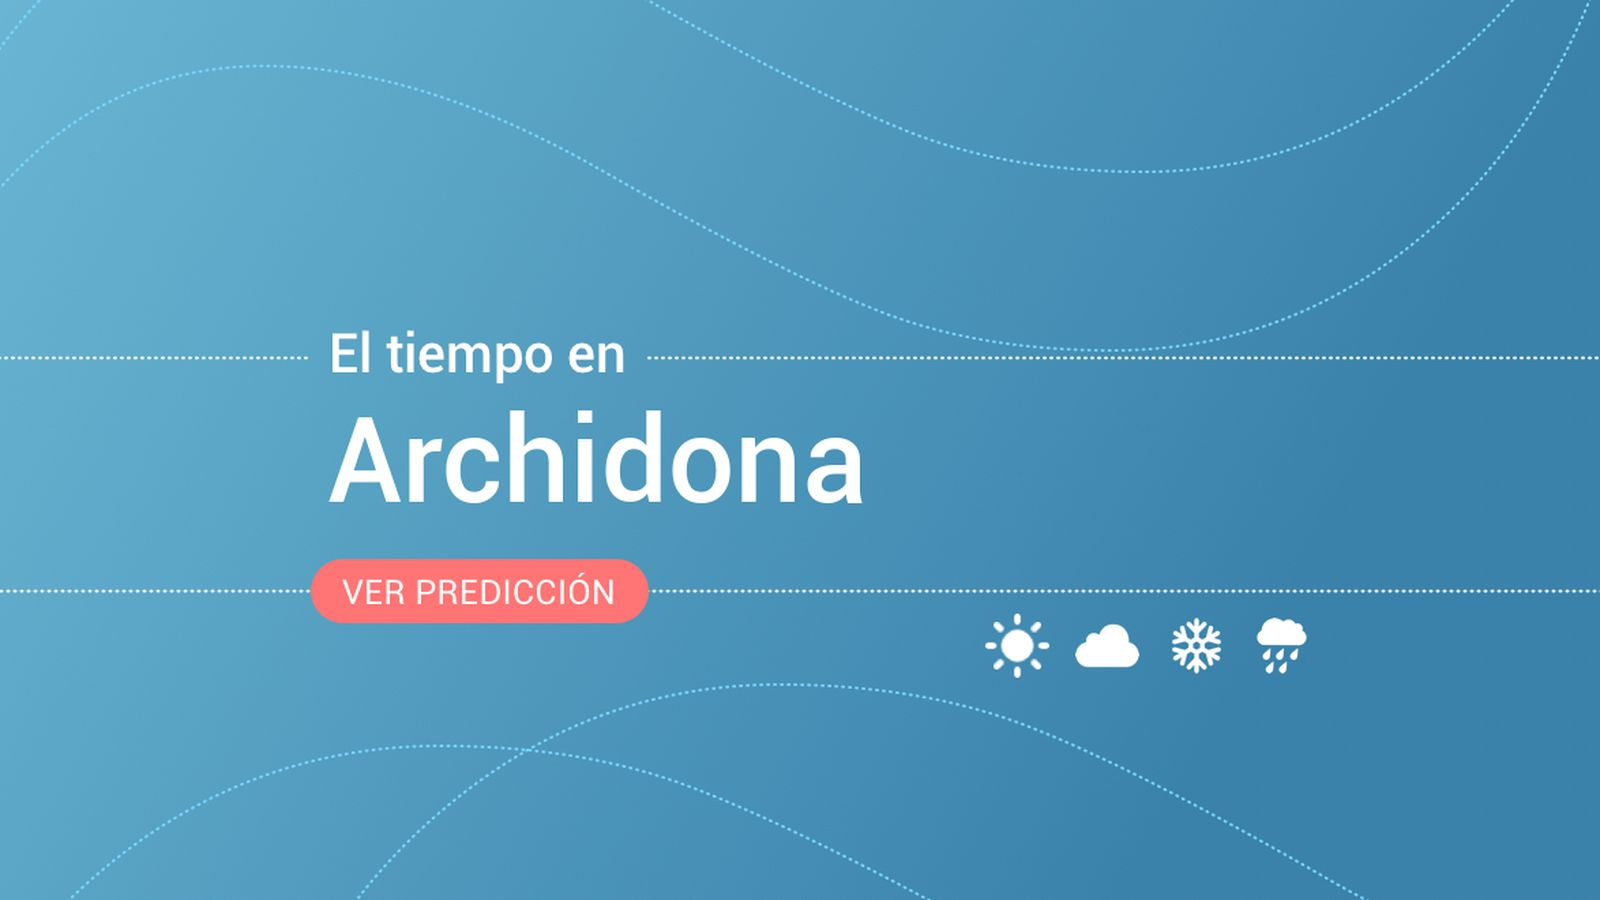 Foto: El tiempo en Archidona. (EC)